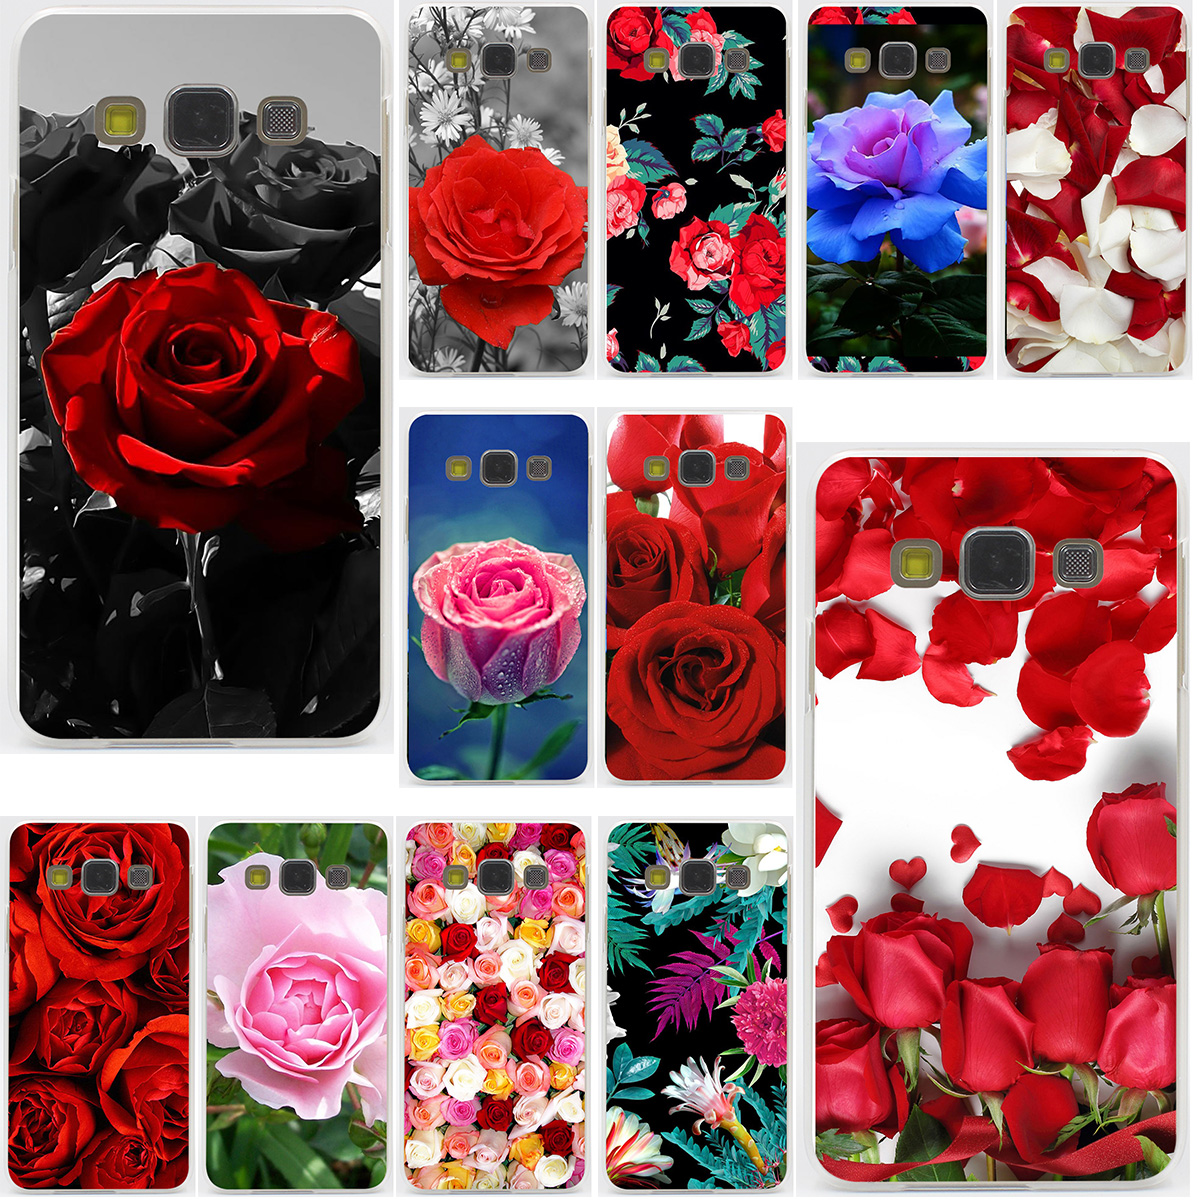 Valentinstag rosen blumen Harte für Samsung Galaxy A3 A5 J3 J5 J7...